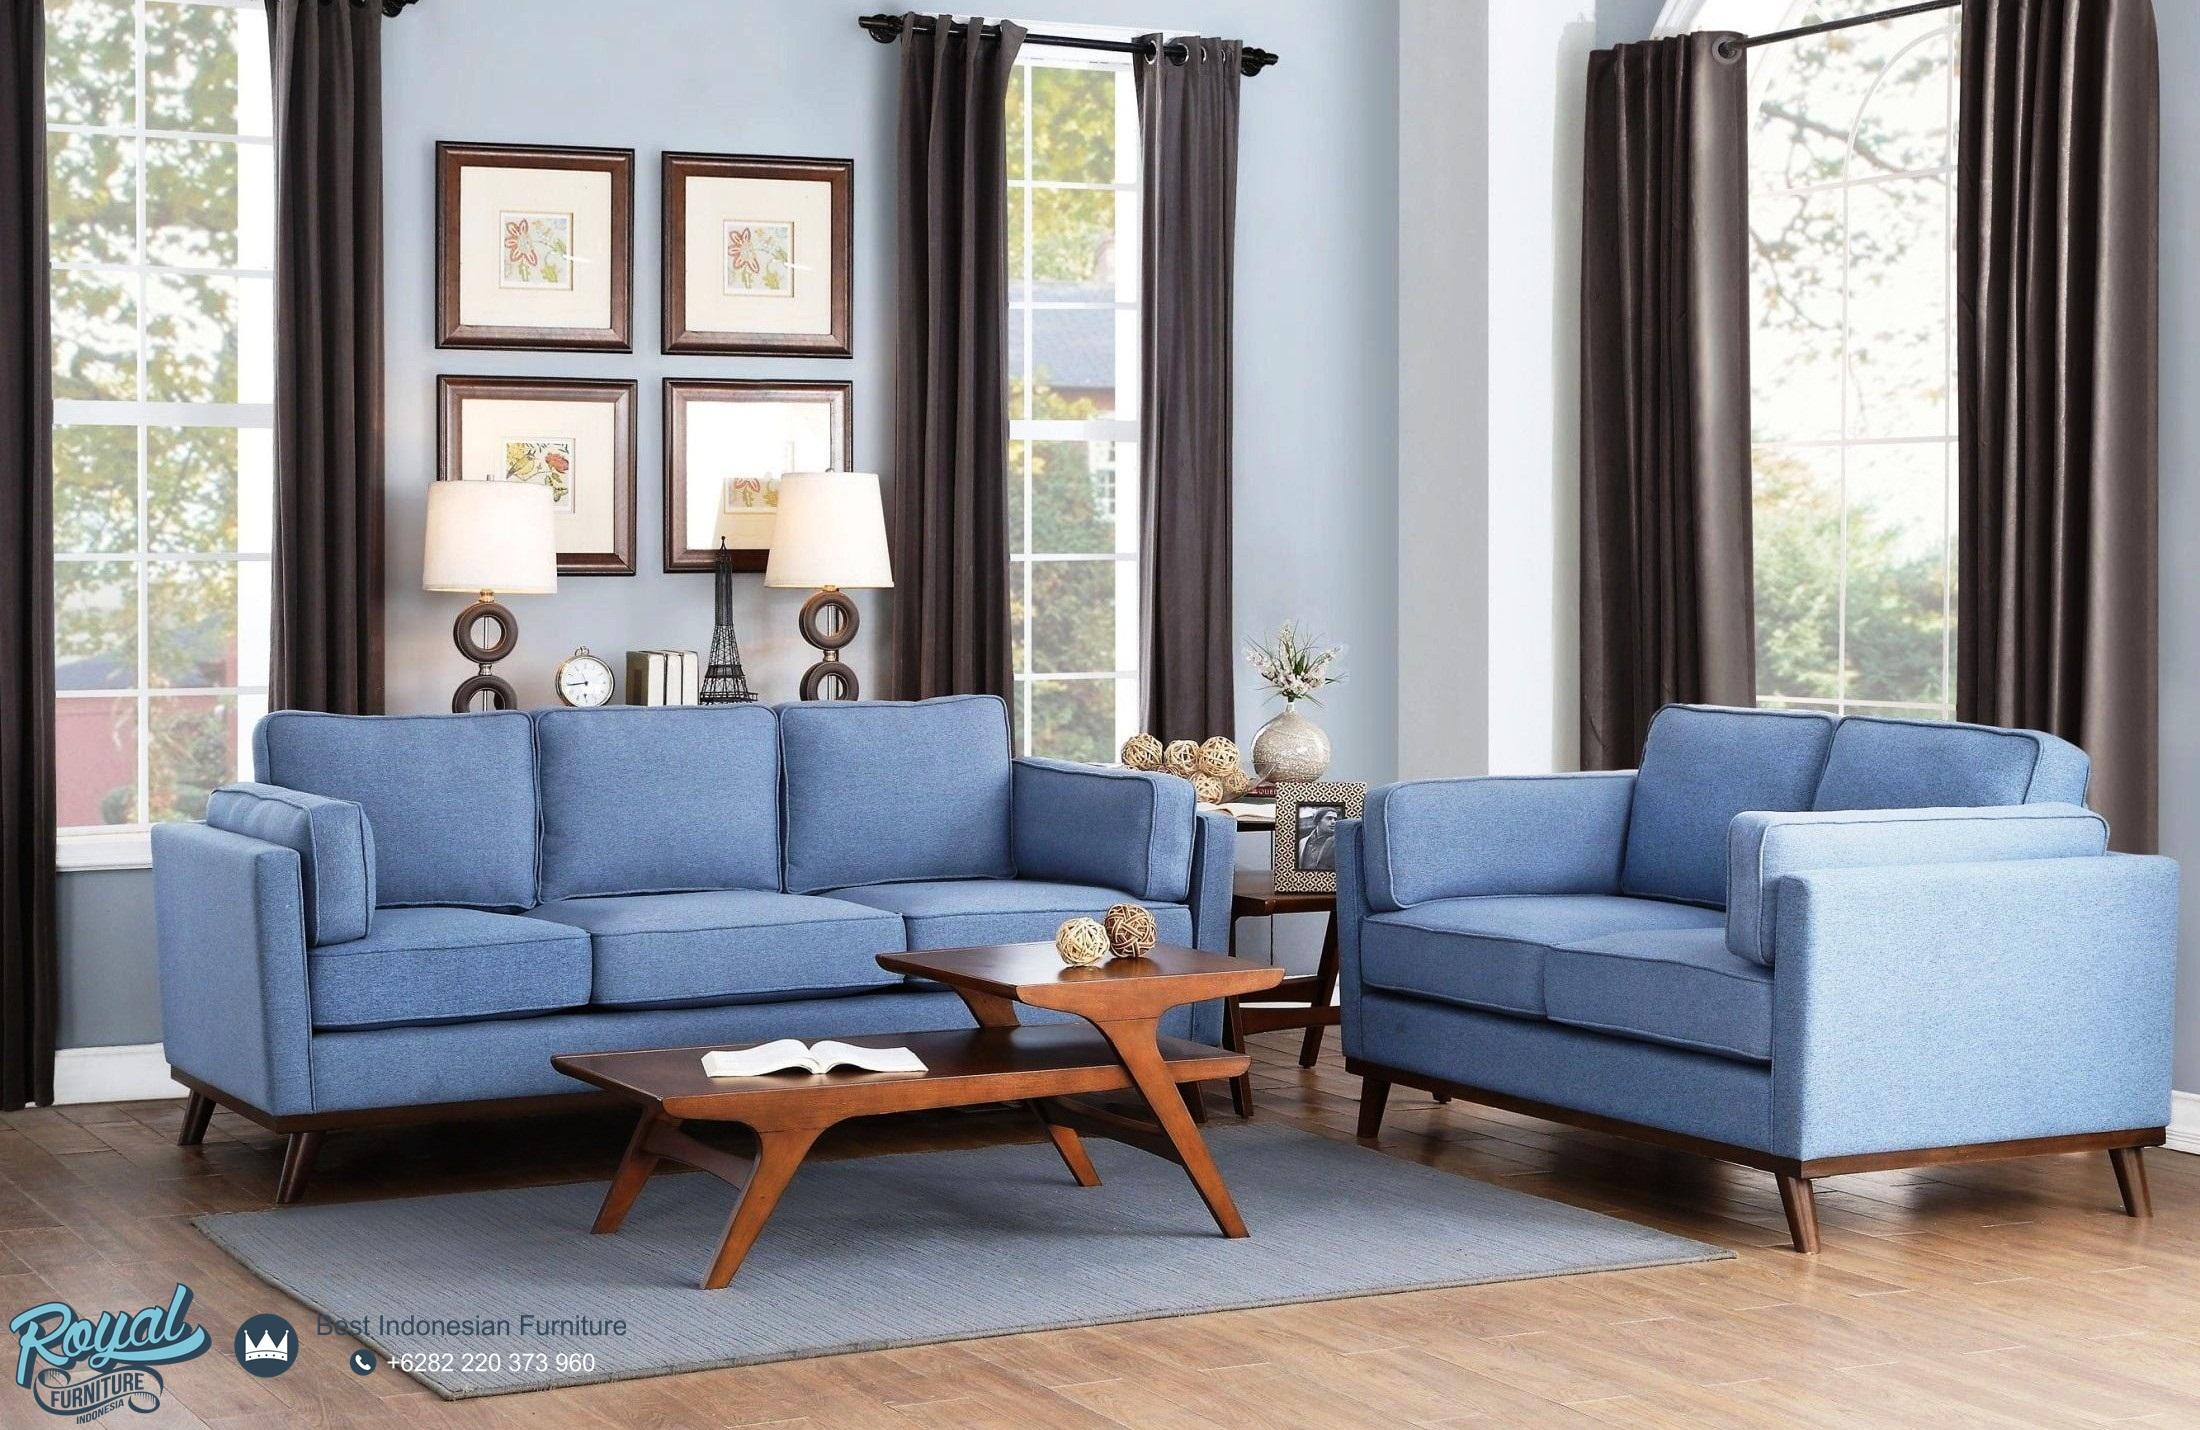 Set Kursi Sofa Jepara Minimalis Terbaru Kayu Jati Retro Fabric, sofa tamu minimalis terbaru 2020, kursi tamu sofa minimalis, meja kursi minimalis ruang tamu, sofa ruang tamu mewah, ruang tamu minimalis, harga kursi sofa minimalis jati jepara, sofa tamu mewah terbaru, sofa tamu minimalis mewah, sofa tamu minimalis kayu jati jepara, kursi tamu minimalis terbaru, sofa ruang tamu minimalis model terbaru, sofa tamu jati minimalis murah, sofa tamu jepara terbaru, desain sofa tamu minimalis terbaru, toko furniture jepara, furniture jepara store, pusat jual furniture di jepara, royal furniture, royal furniture jepara